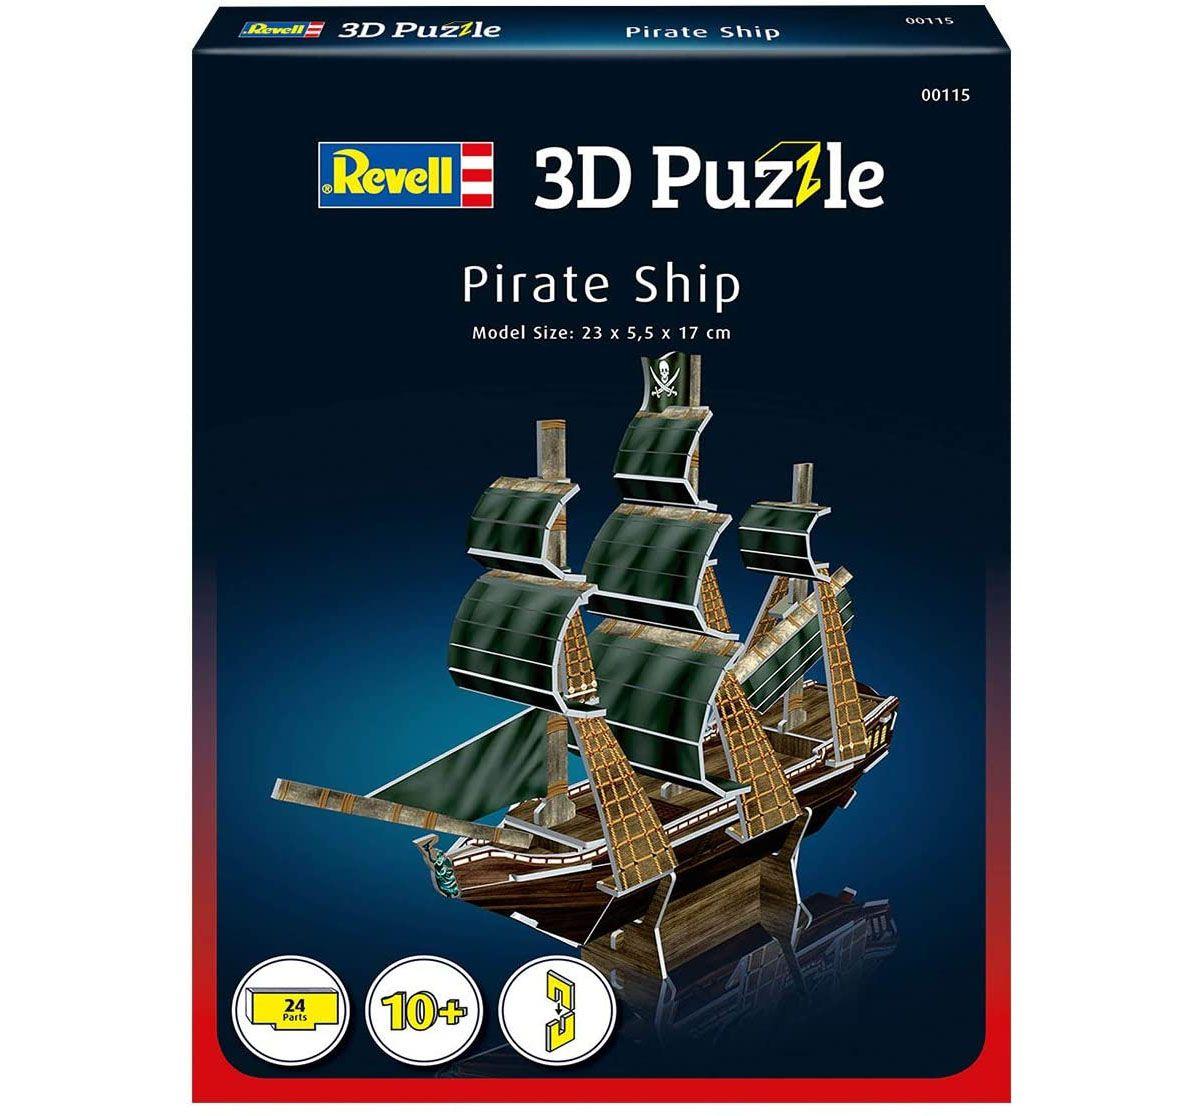 Quebra-cabeça 3D (3D Puzzle) Navio Pirata - Revell 00115  - BLIMPS COMÉRCIO ELETRÔNICO